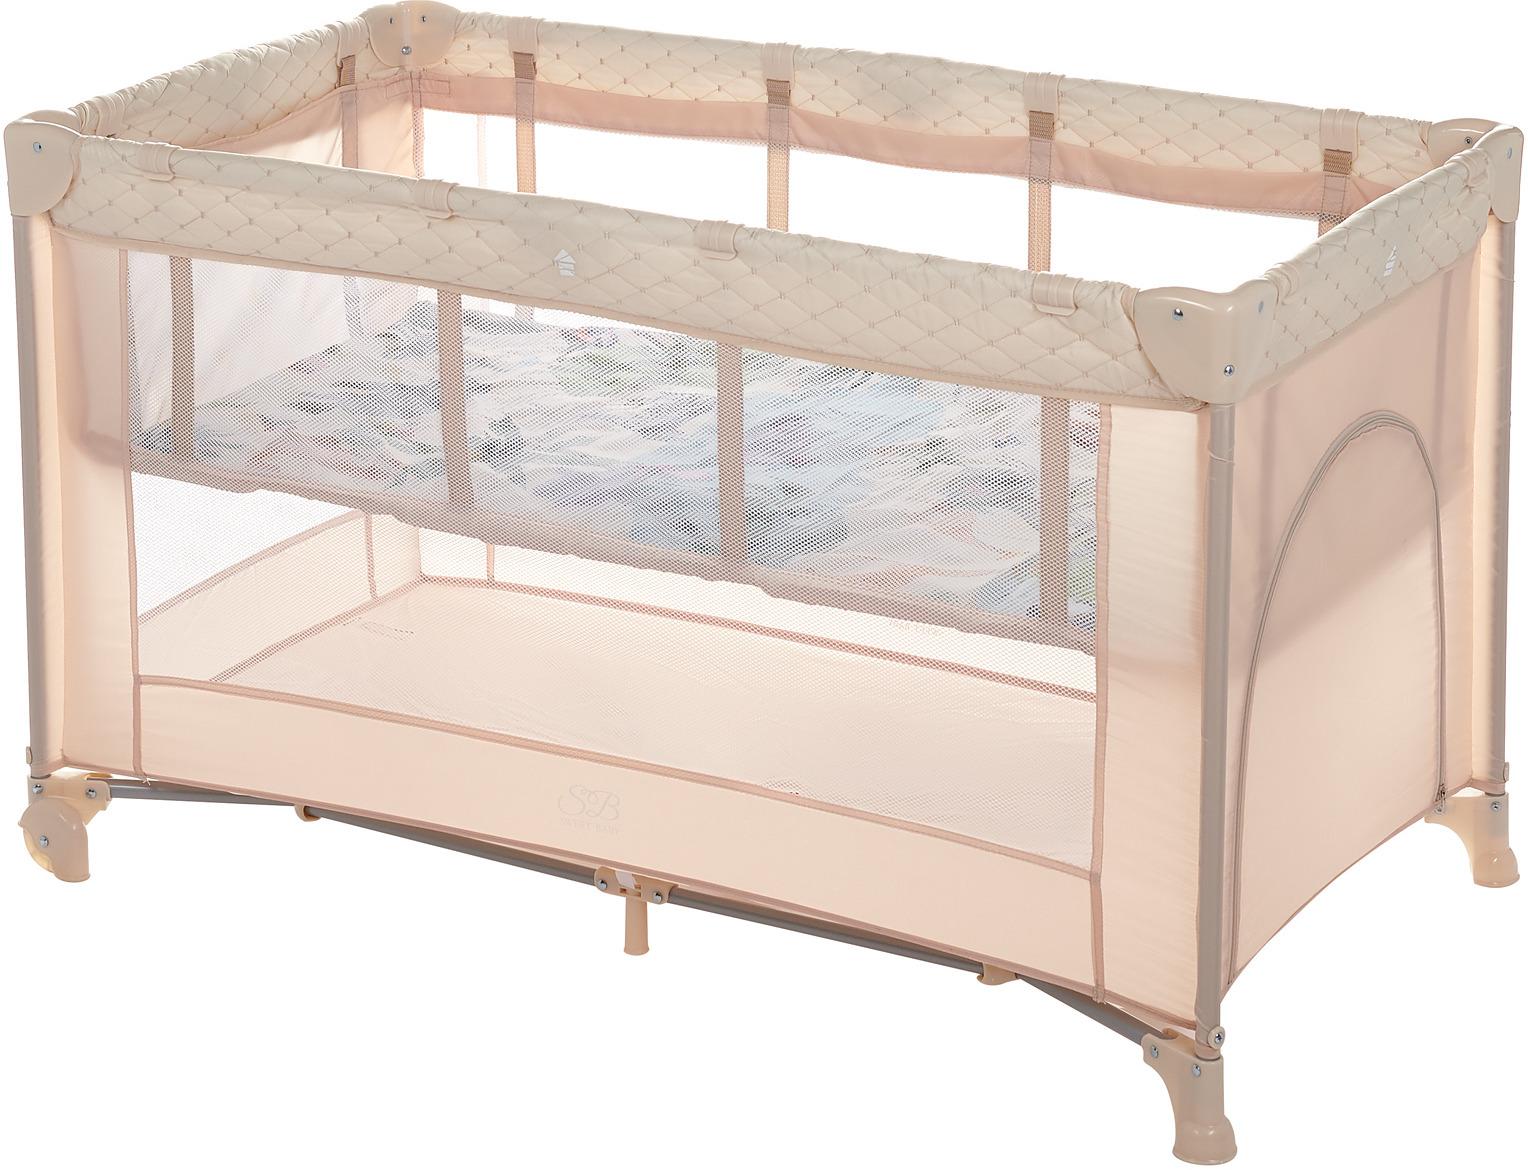 Манеж-кроватка Sweet Baby Intelletto 5 в 1, 389765, светло-бежевый